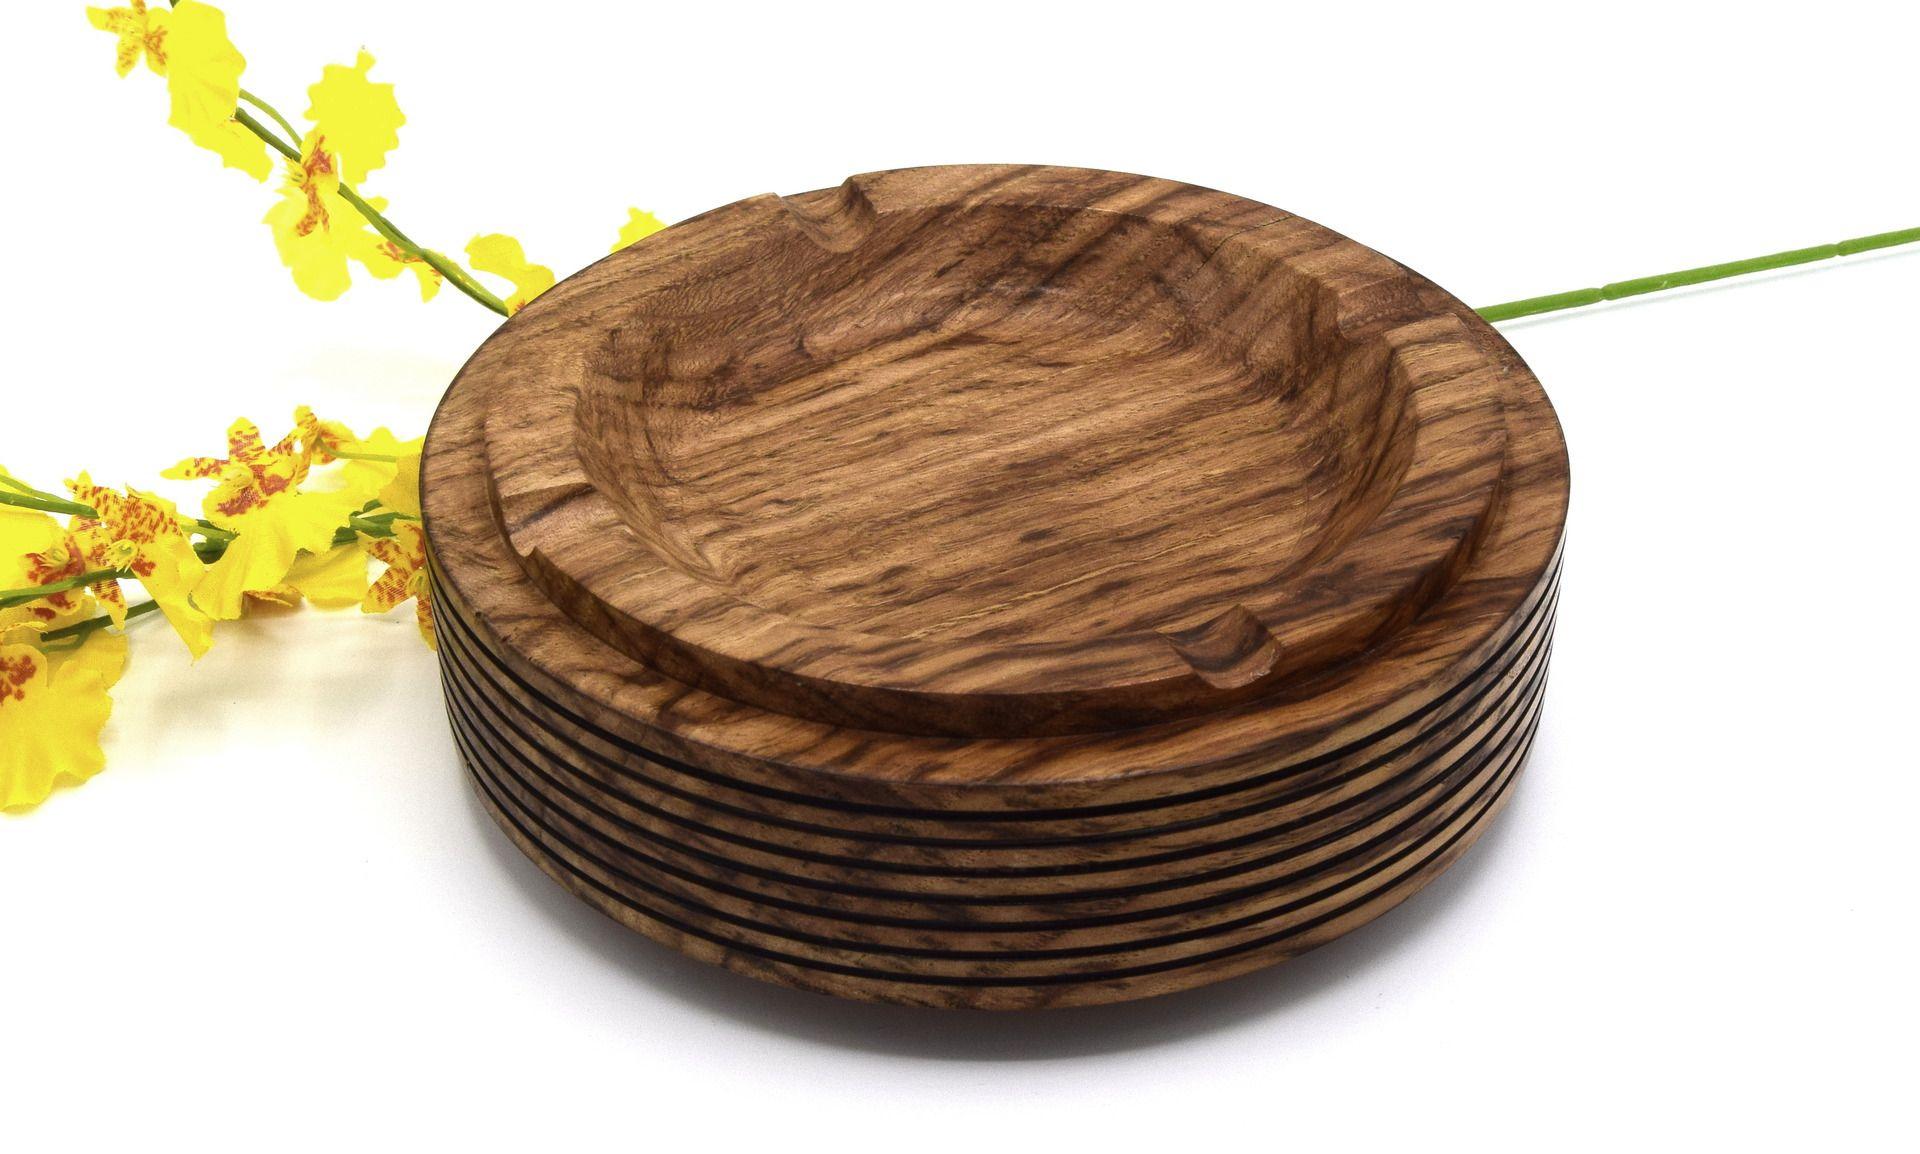 Tour A Bois Accessoires se rapportant à cendrier en bois châtaignier, objet en bois décoratif tourné à la